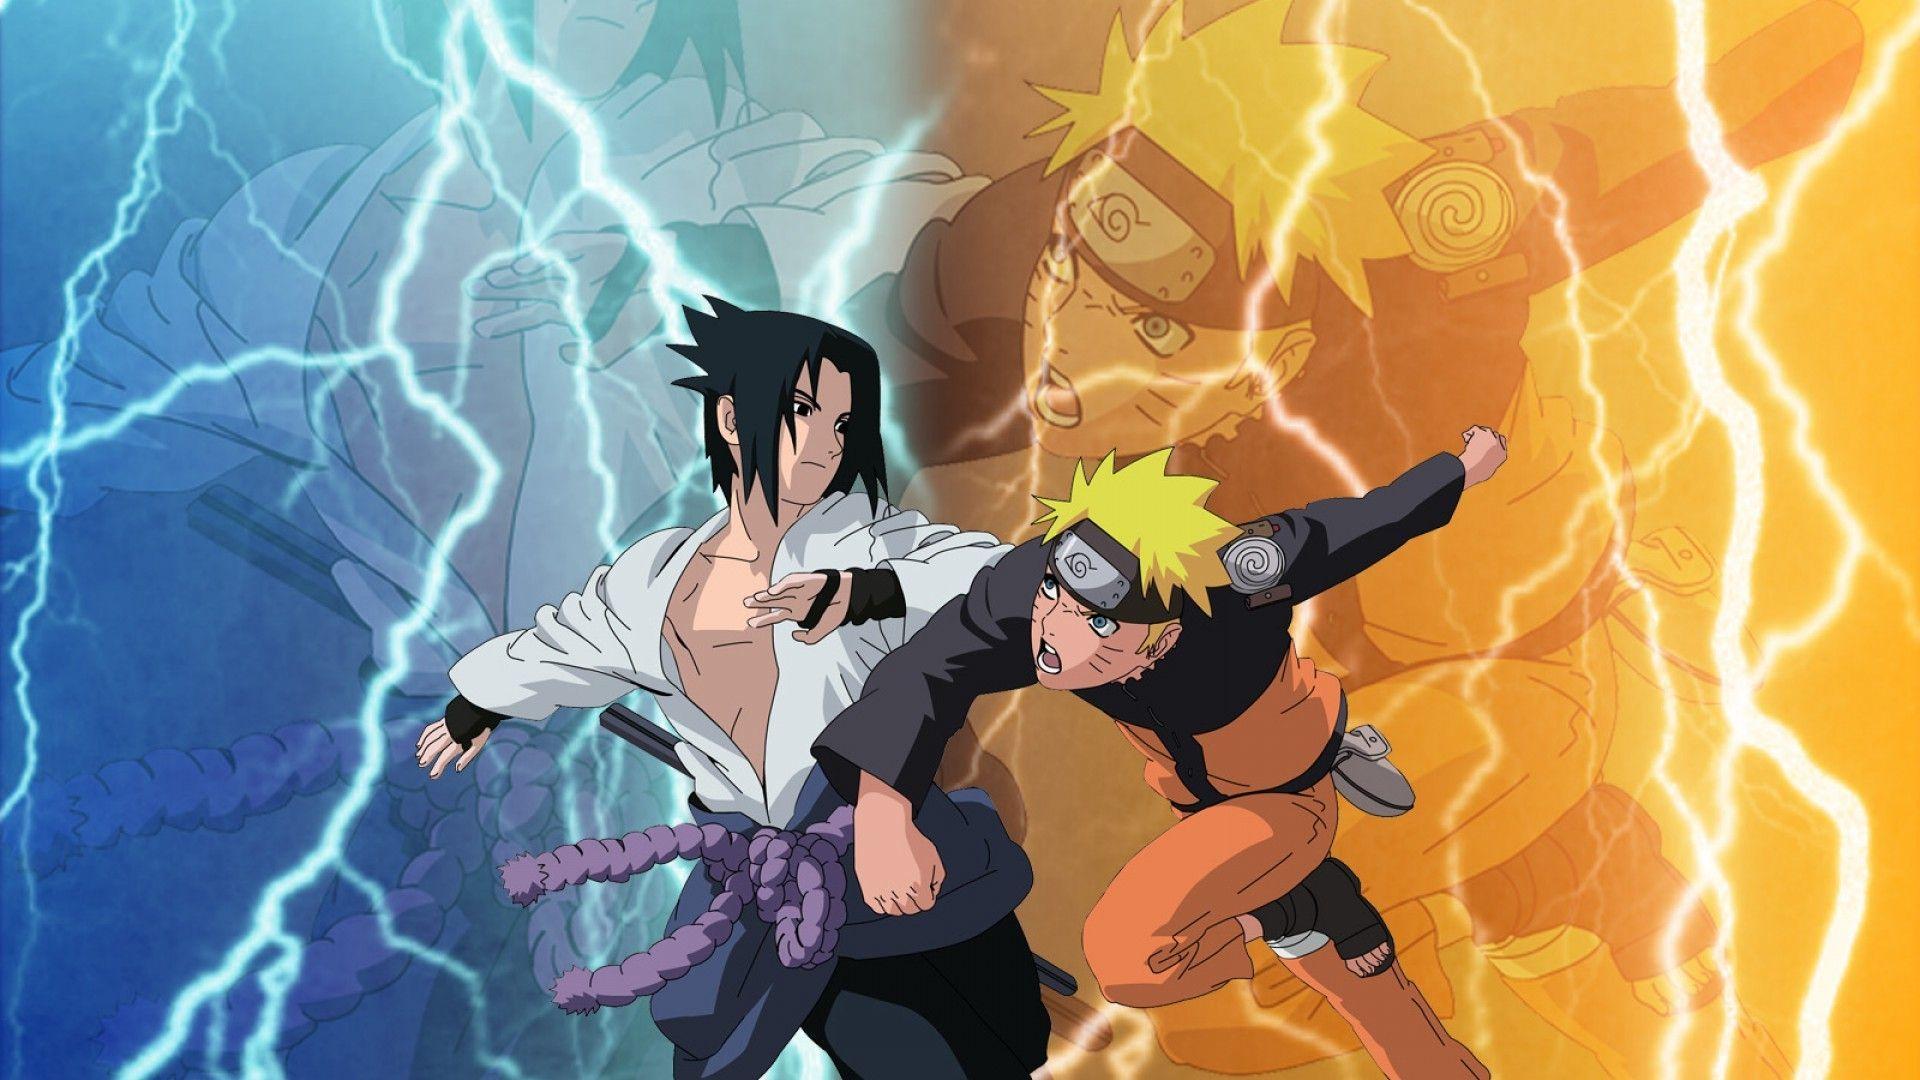 Naruto Shippuden 4K Wallpapers - Top Free Naruto Shippuden ...